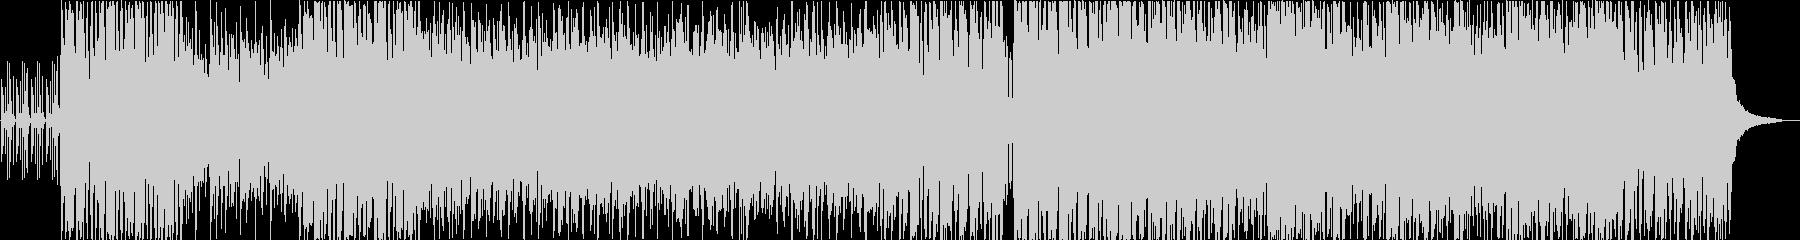 ウクレレと口笛が印象的なポップで楽しい曲の未再生の波形